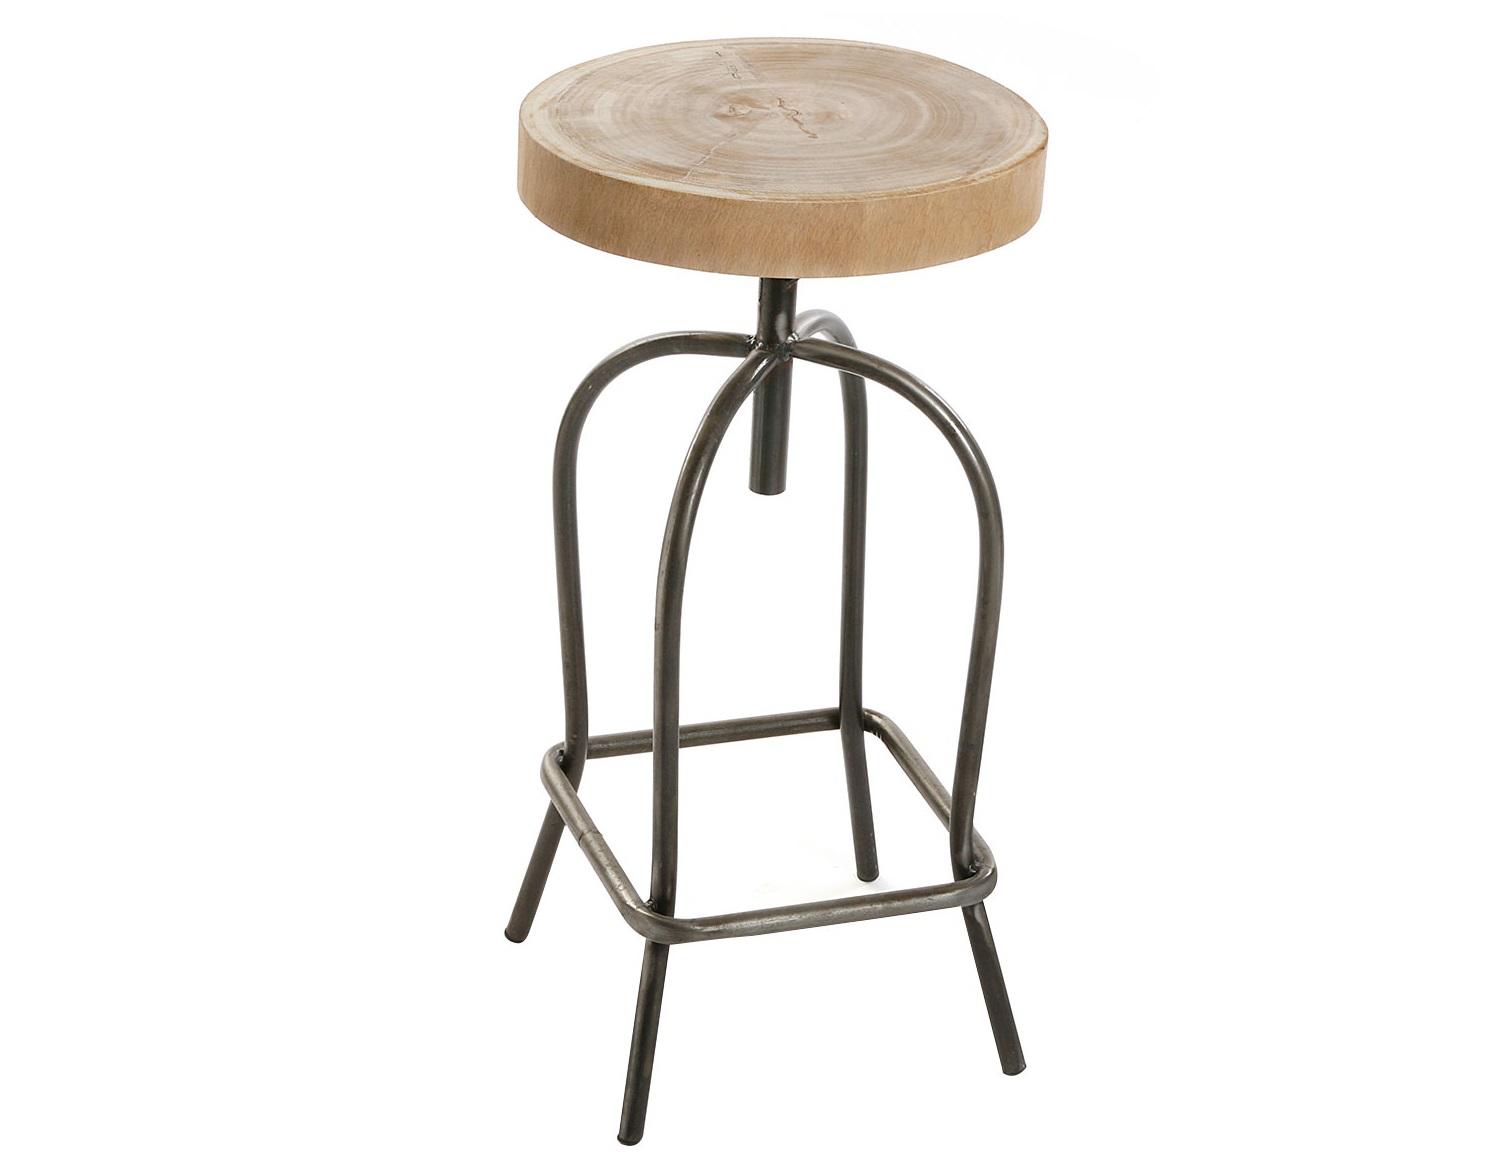 ТабуретБарные стулья<br><br><br>Material: Дерево<br>Length см: None<br>Width см: None<br>Height см: 73<br>Diameter см: 36